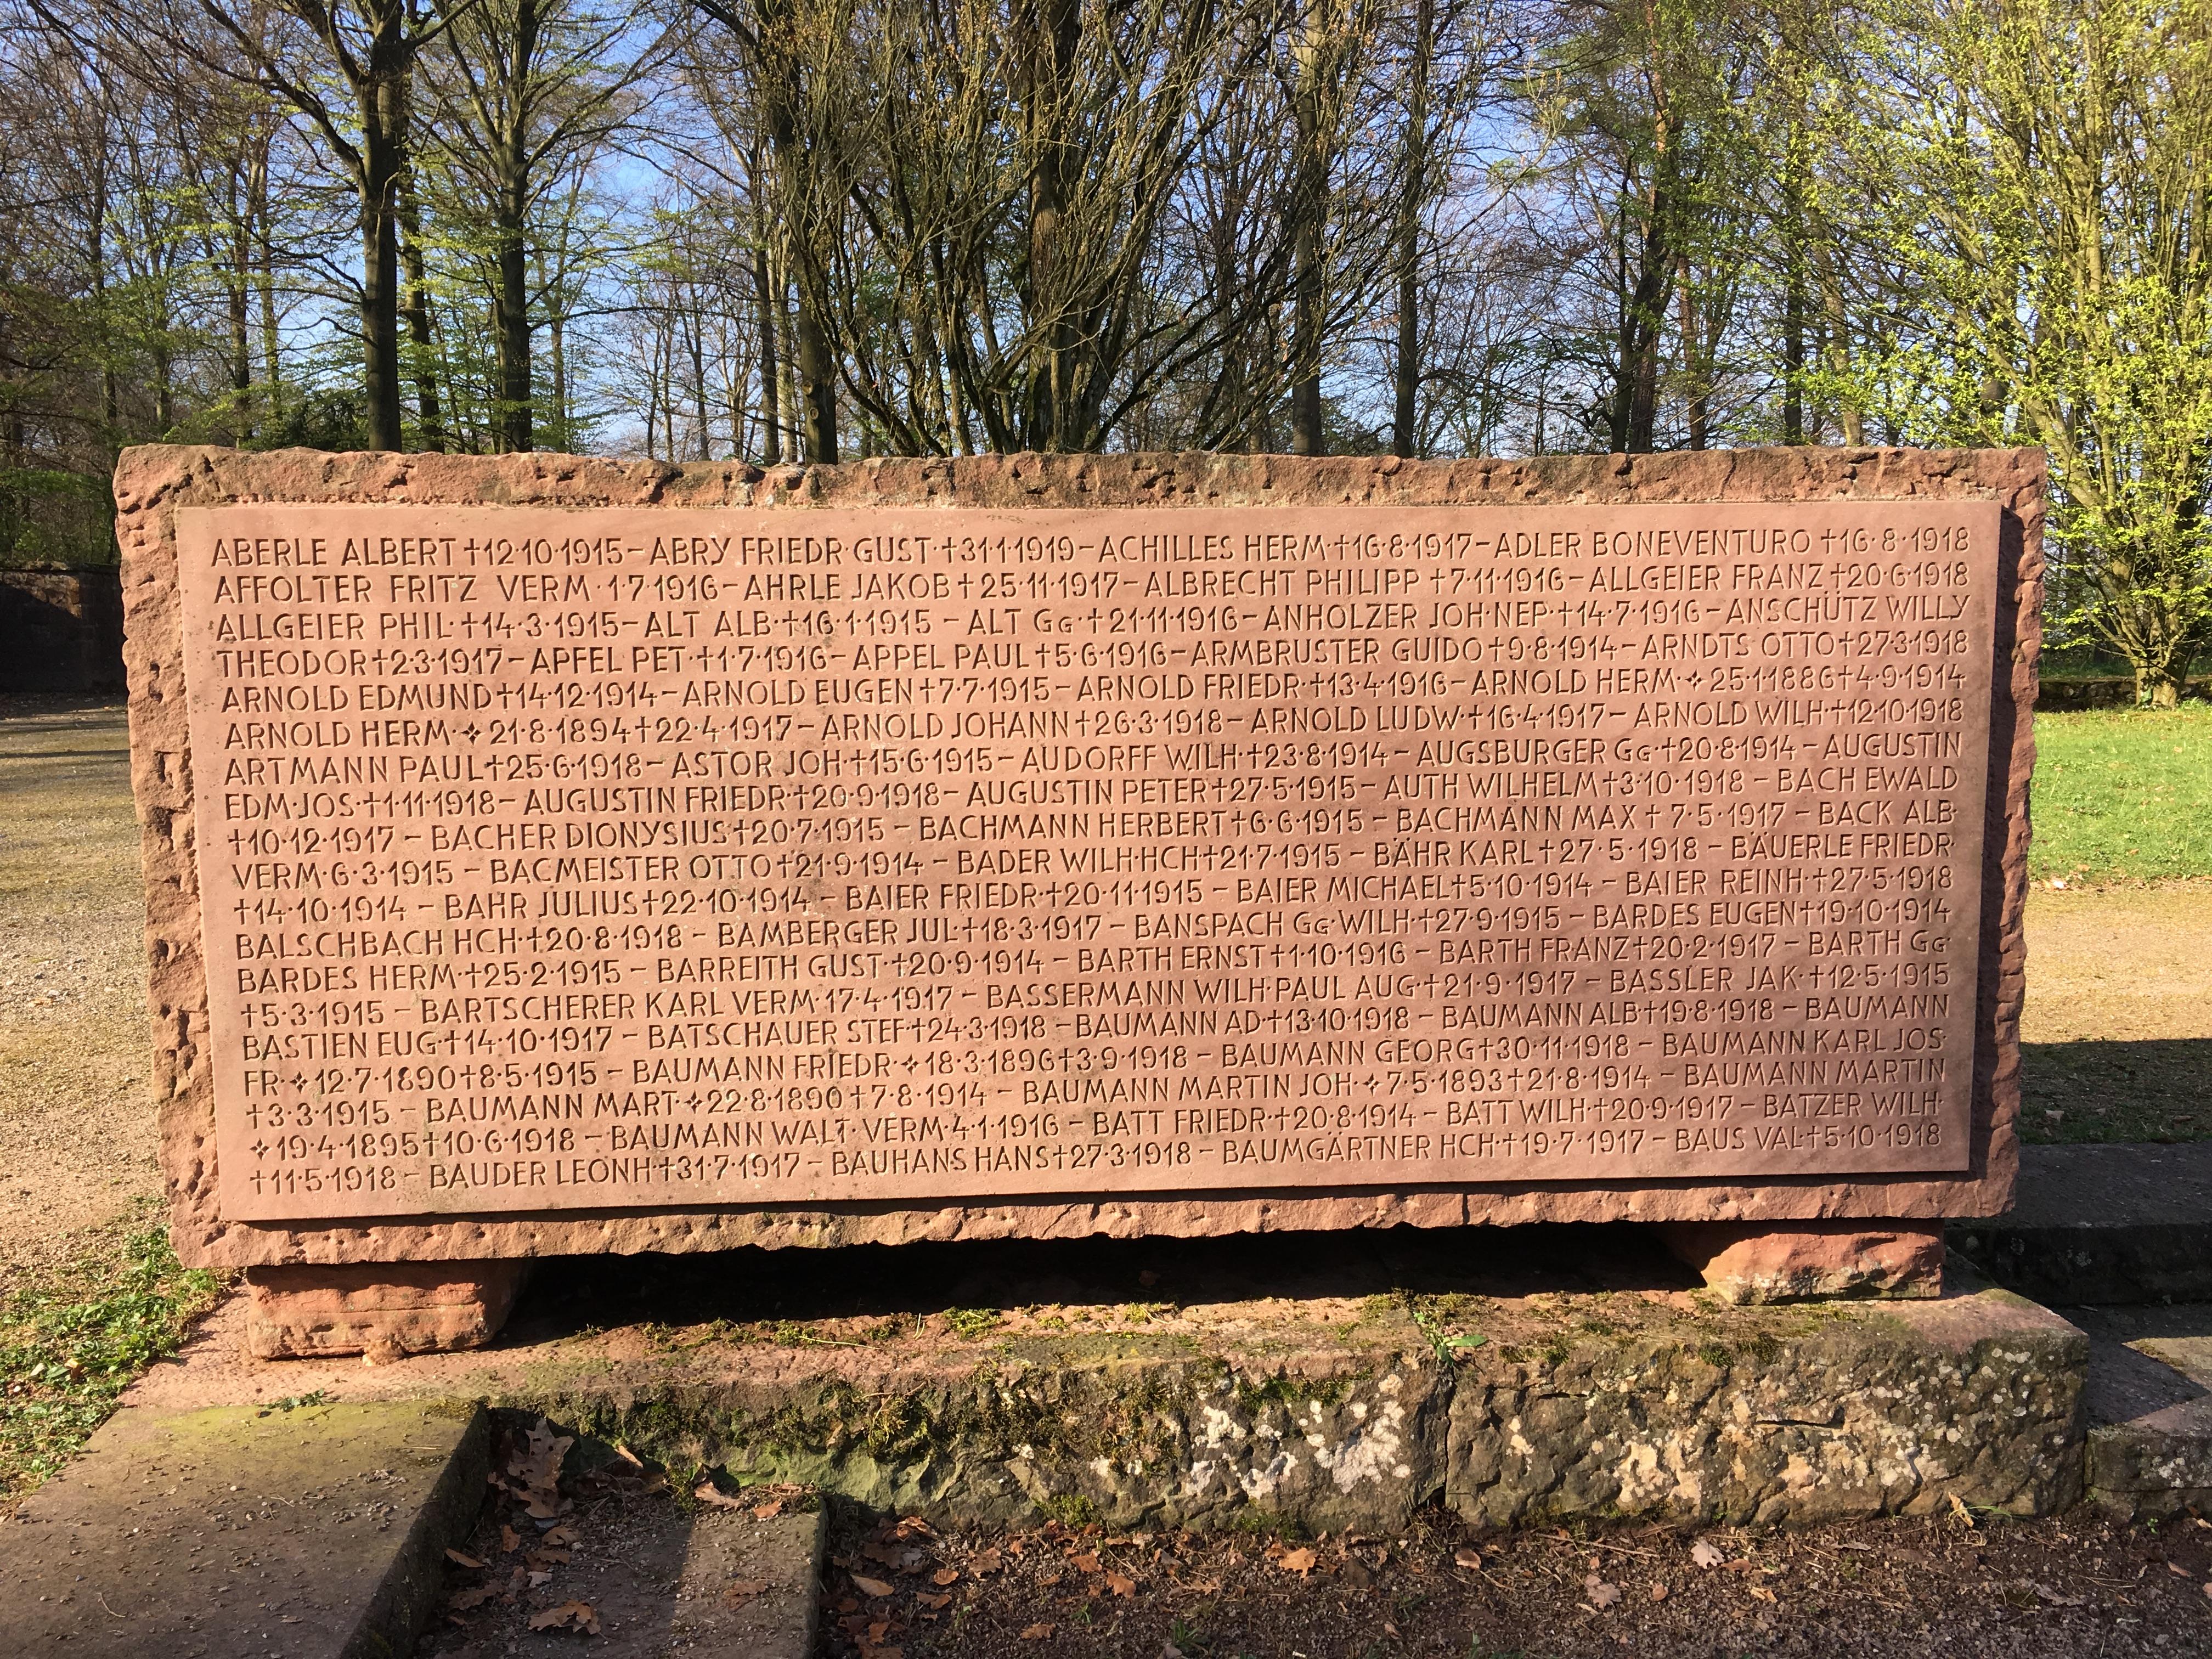 Die massiven Sandsteinblöcke mit den Namen der im Krieg Gefallenen und Verstorbenen auf dem Heidelberger Ehrenfriedhof konnten dank eines neuen Heißwasser-Hochdruckreinigers intensiv und doch sensibel gereinigt werden. Foto: Stadt Heidelberg